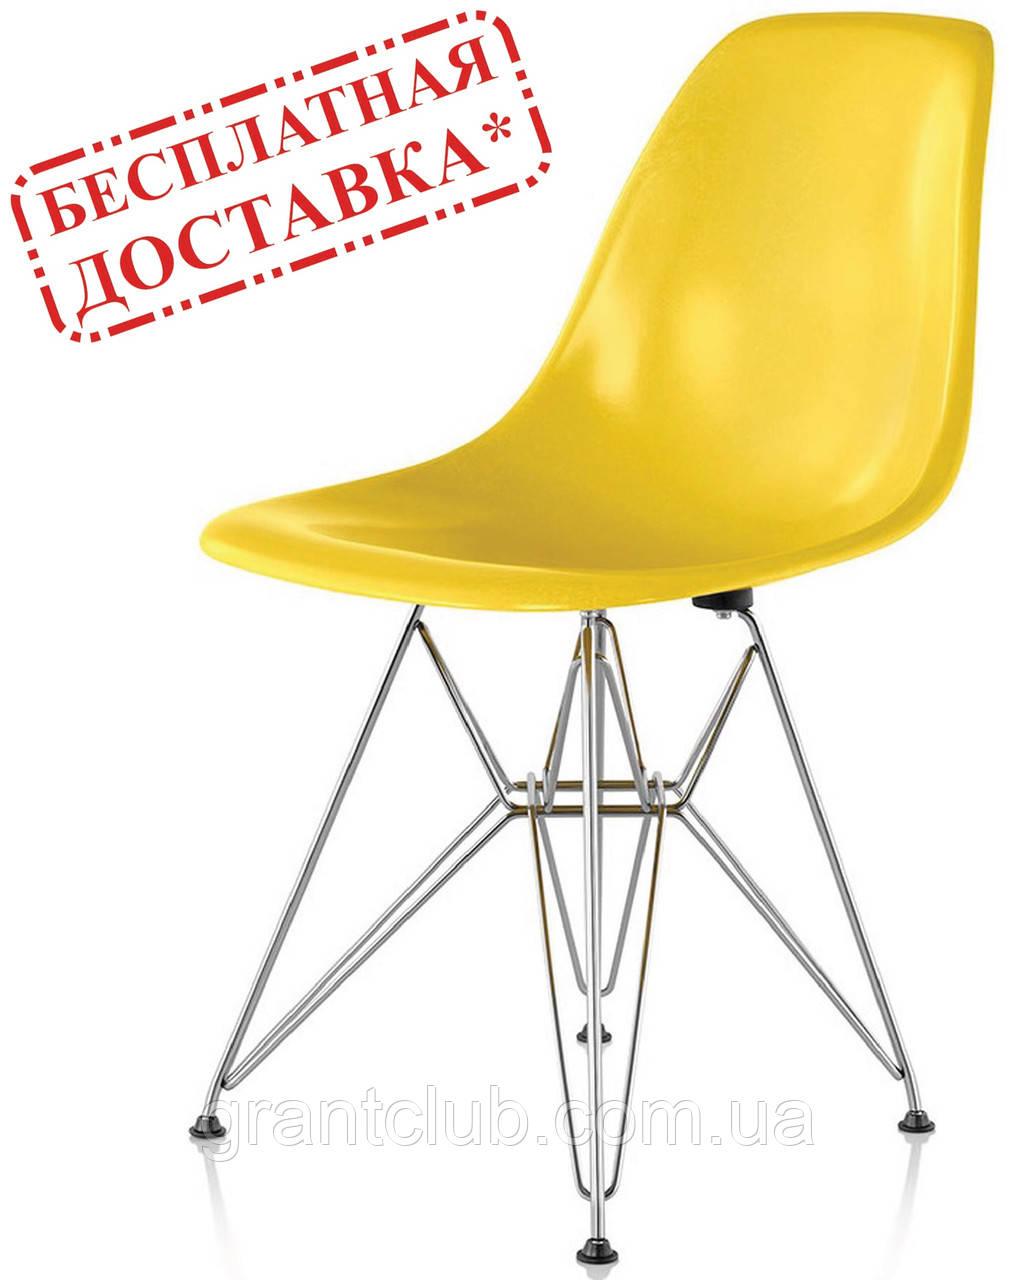 Стул Тауэр желтый пластик ножки хром СДМ группа (бесплатная доставка)